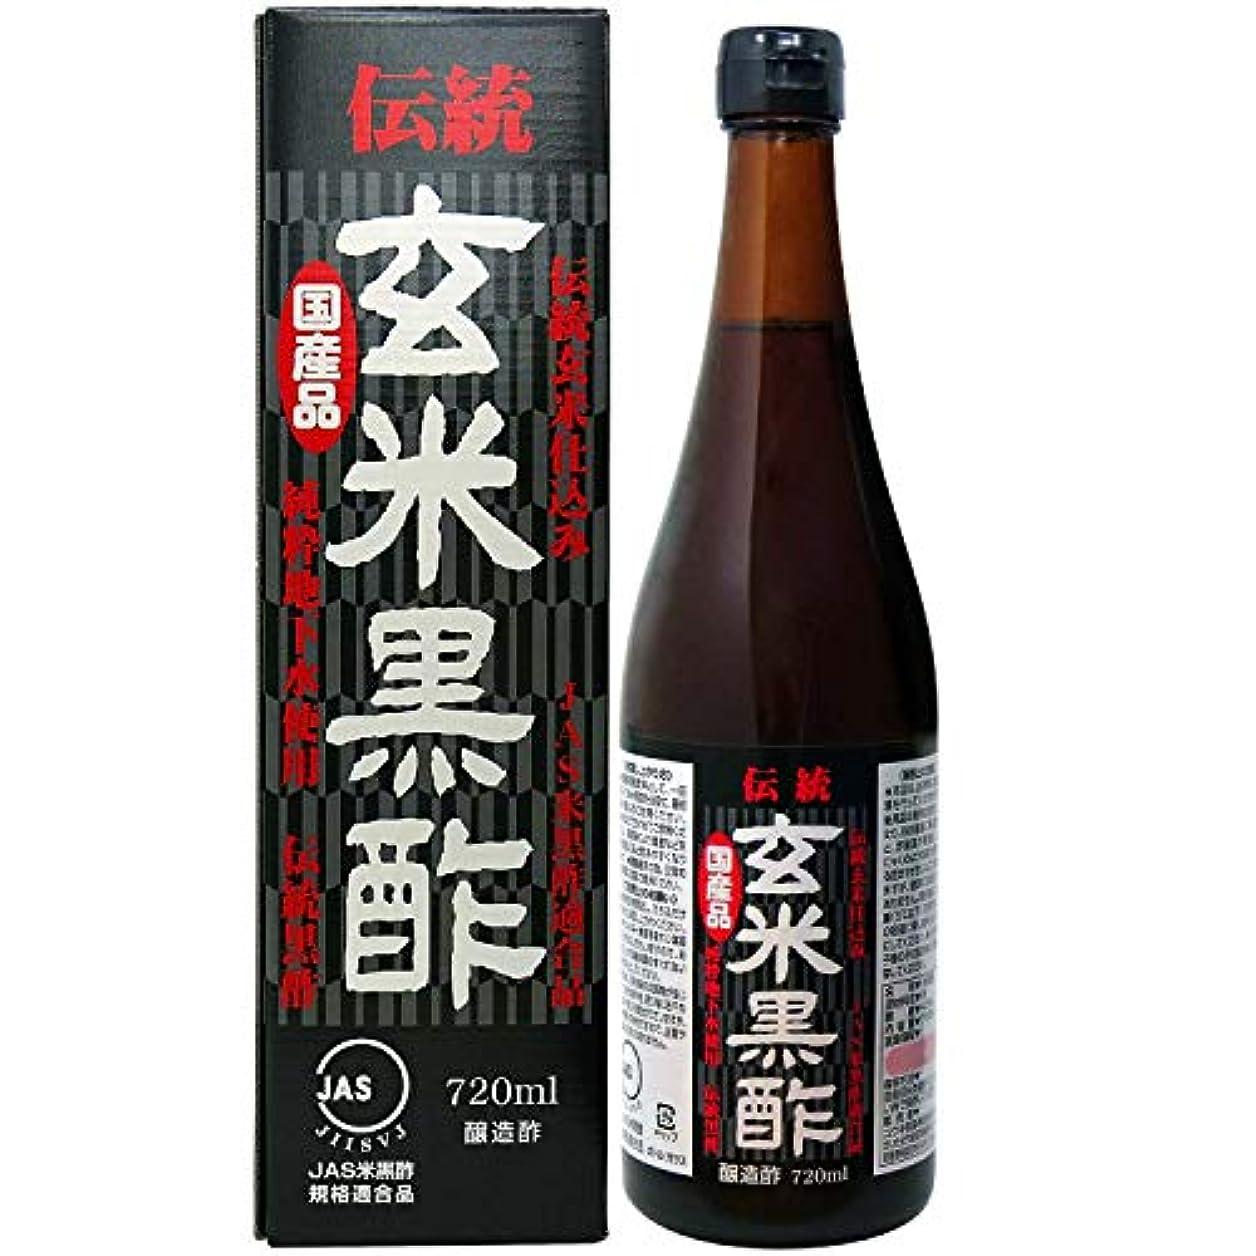 割合突然発送ユウキ製薬 新伝統玄米黒酢 24-36日分 720ml